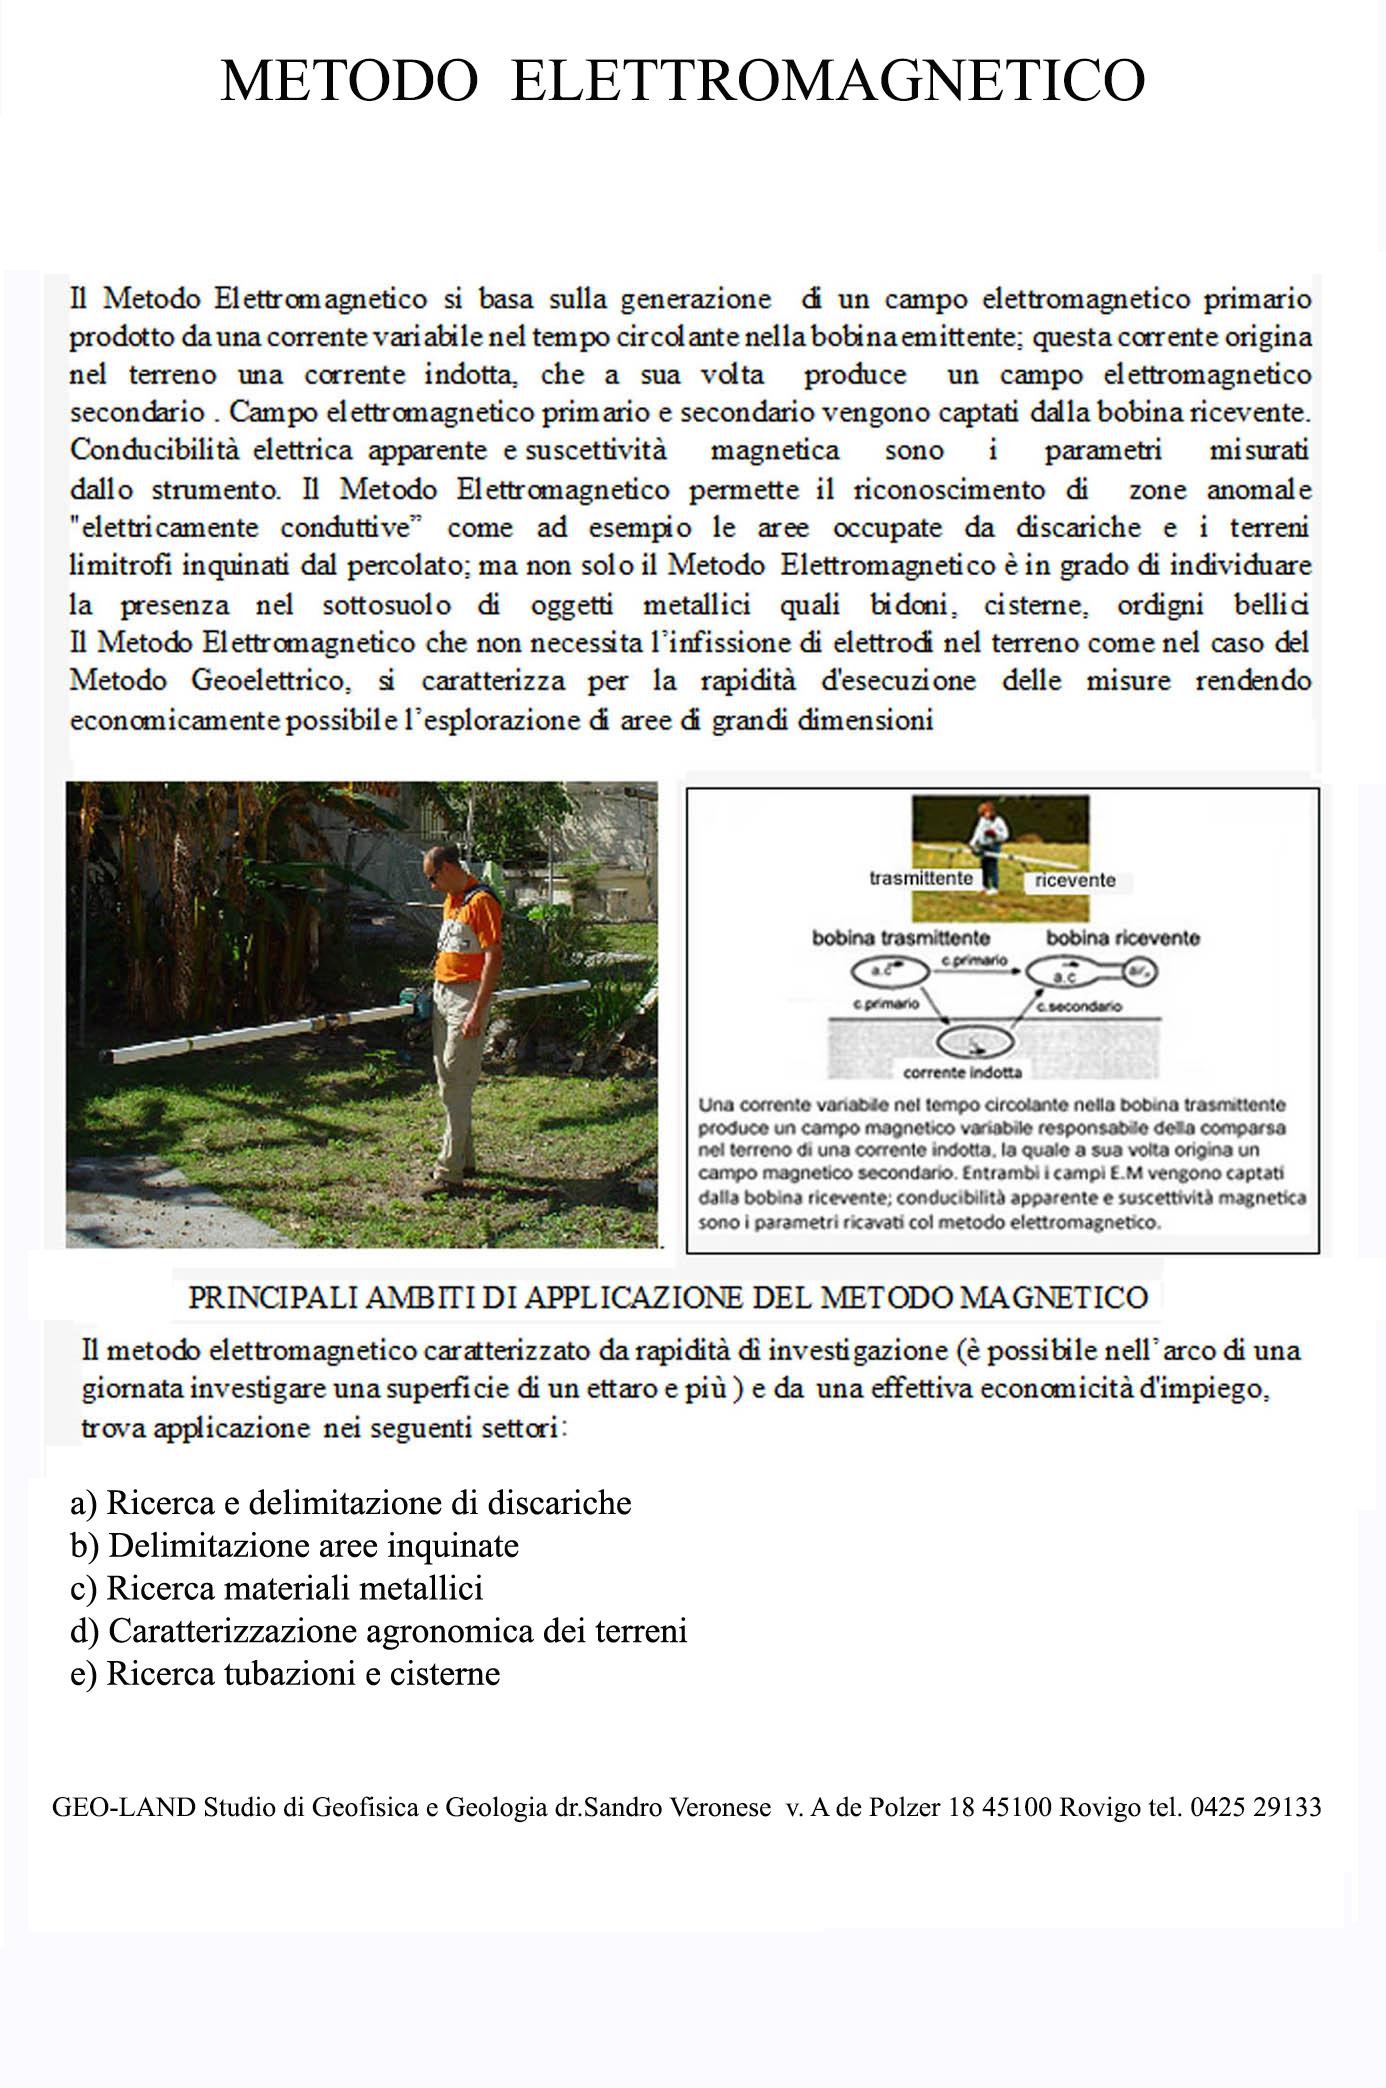 Metodo elettromagneticotris